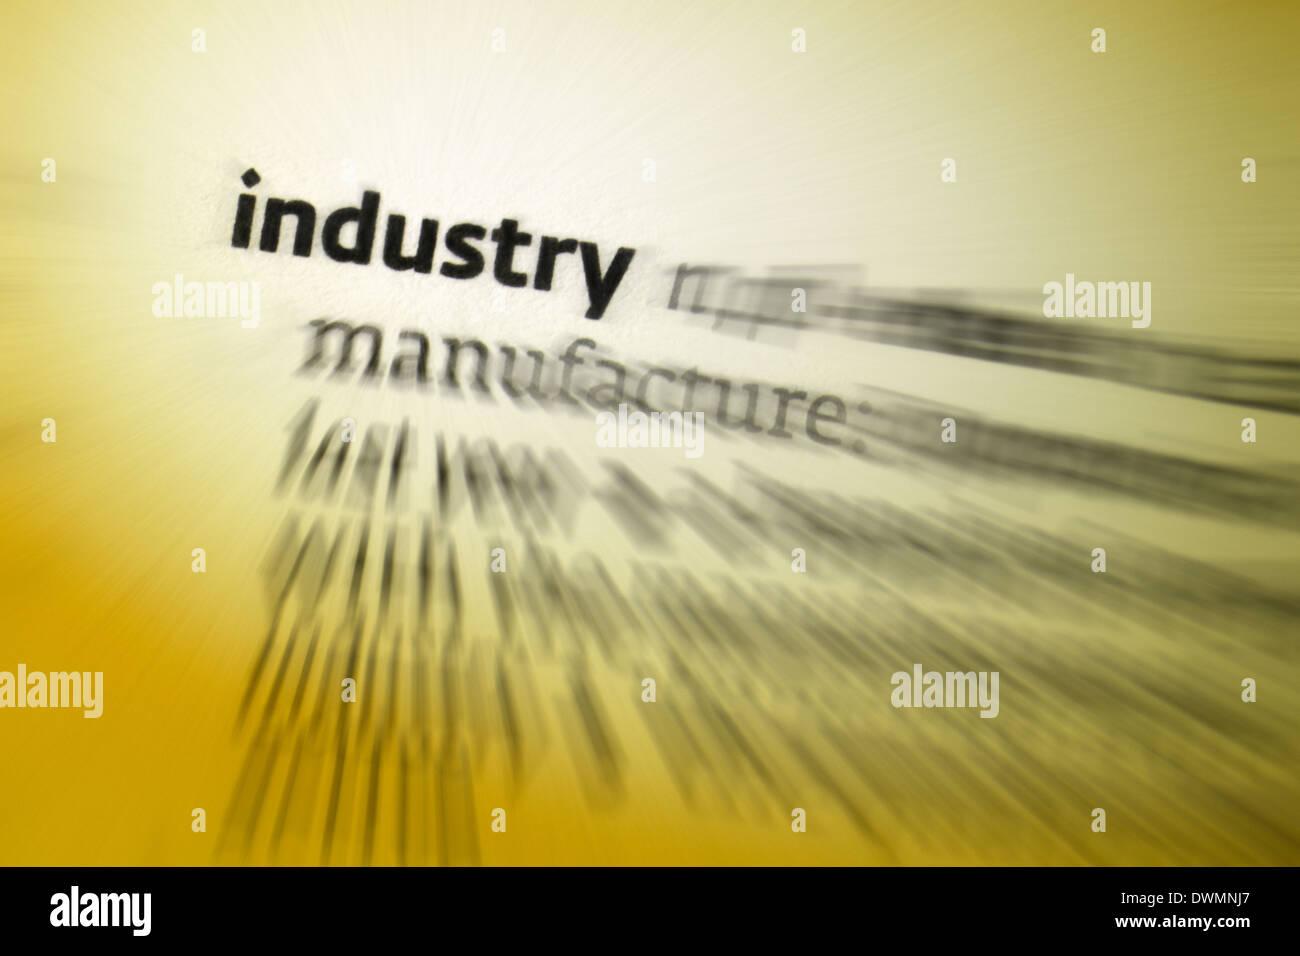 - La actividad económica de la industria relacionados con el procesamiento de materias primas y la fabricación de las mercancías en las fábricas. Imagen De Stock